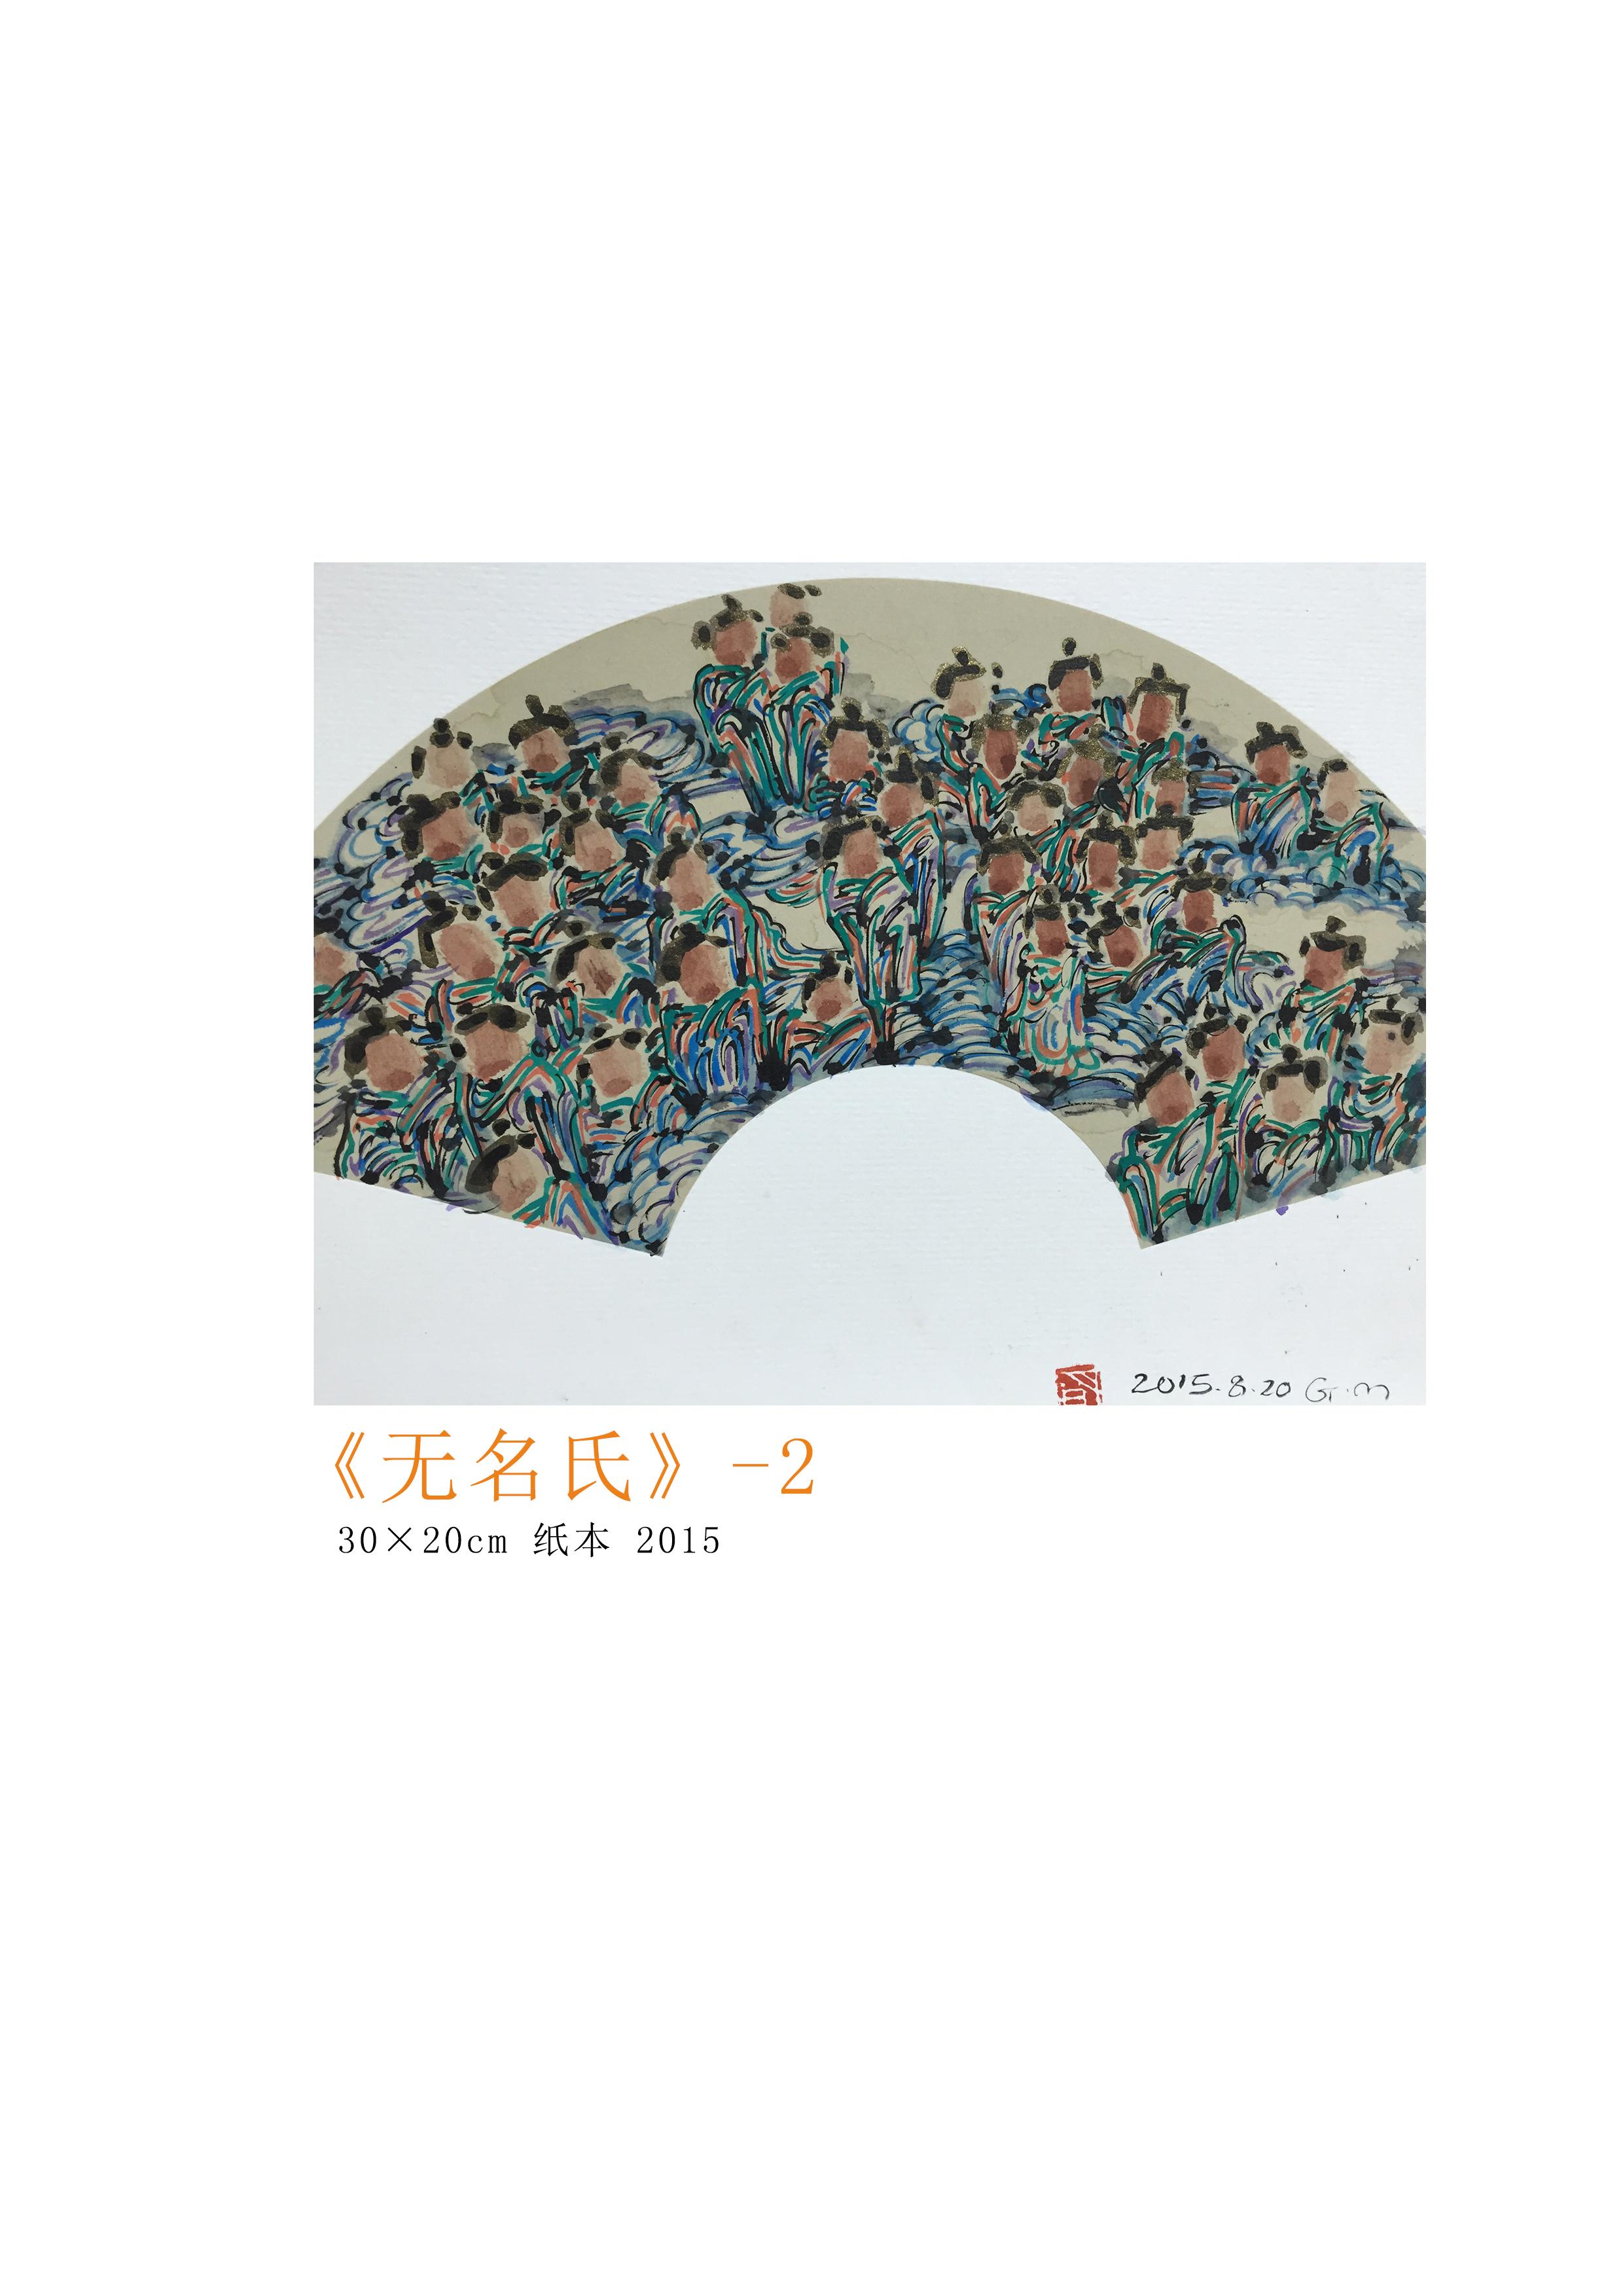 P36无名氏-2(右).jpg